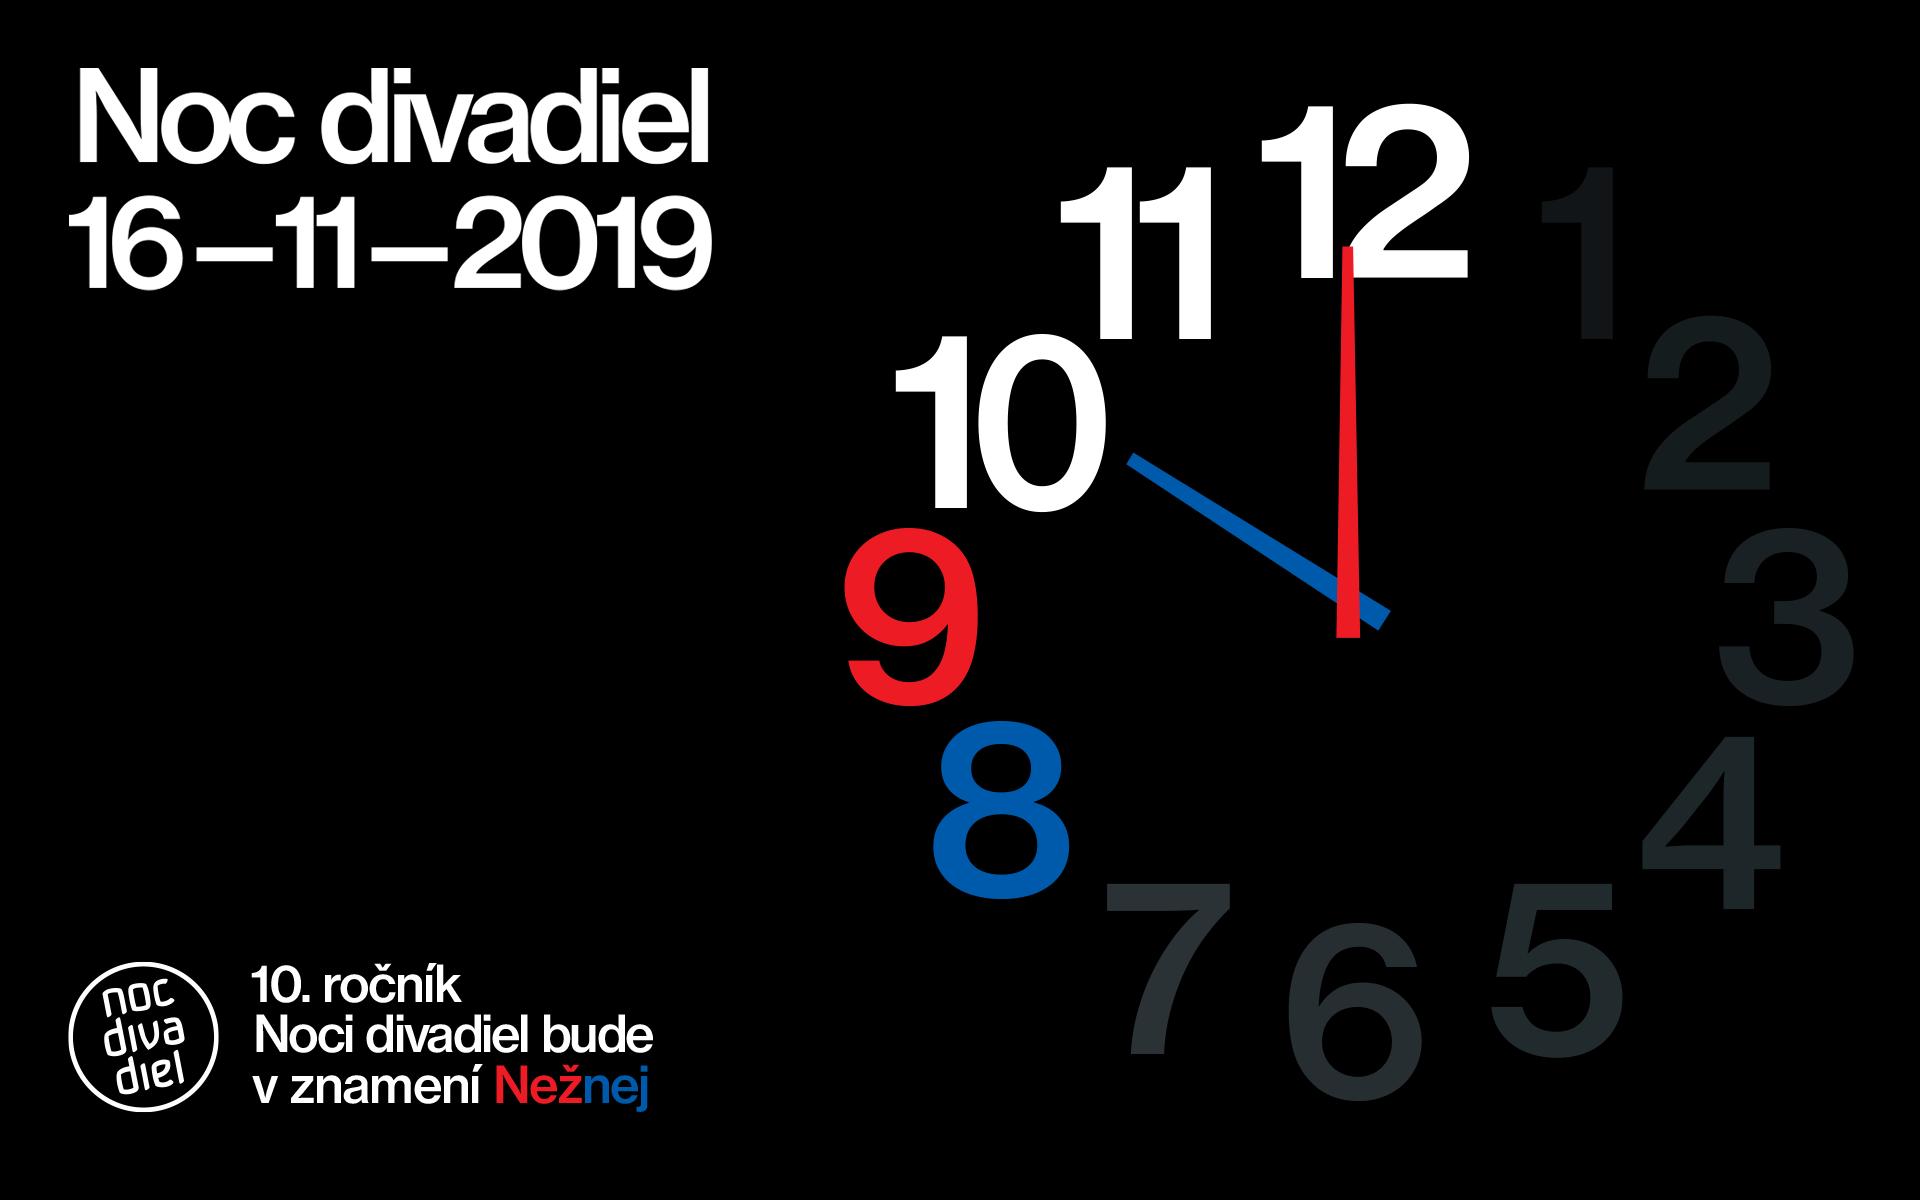 Noc divadiel 2019